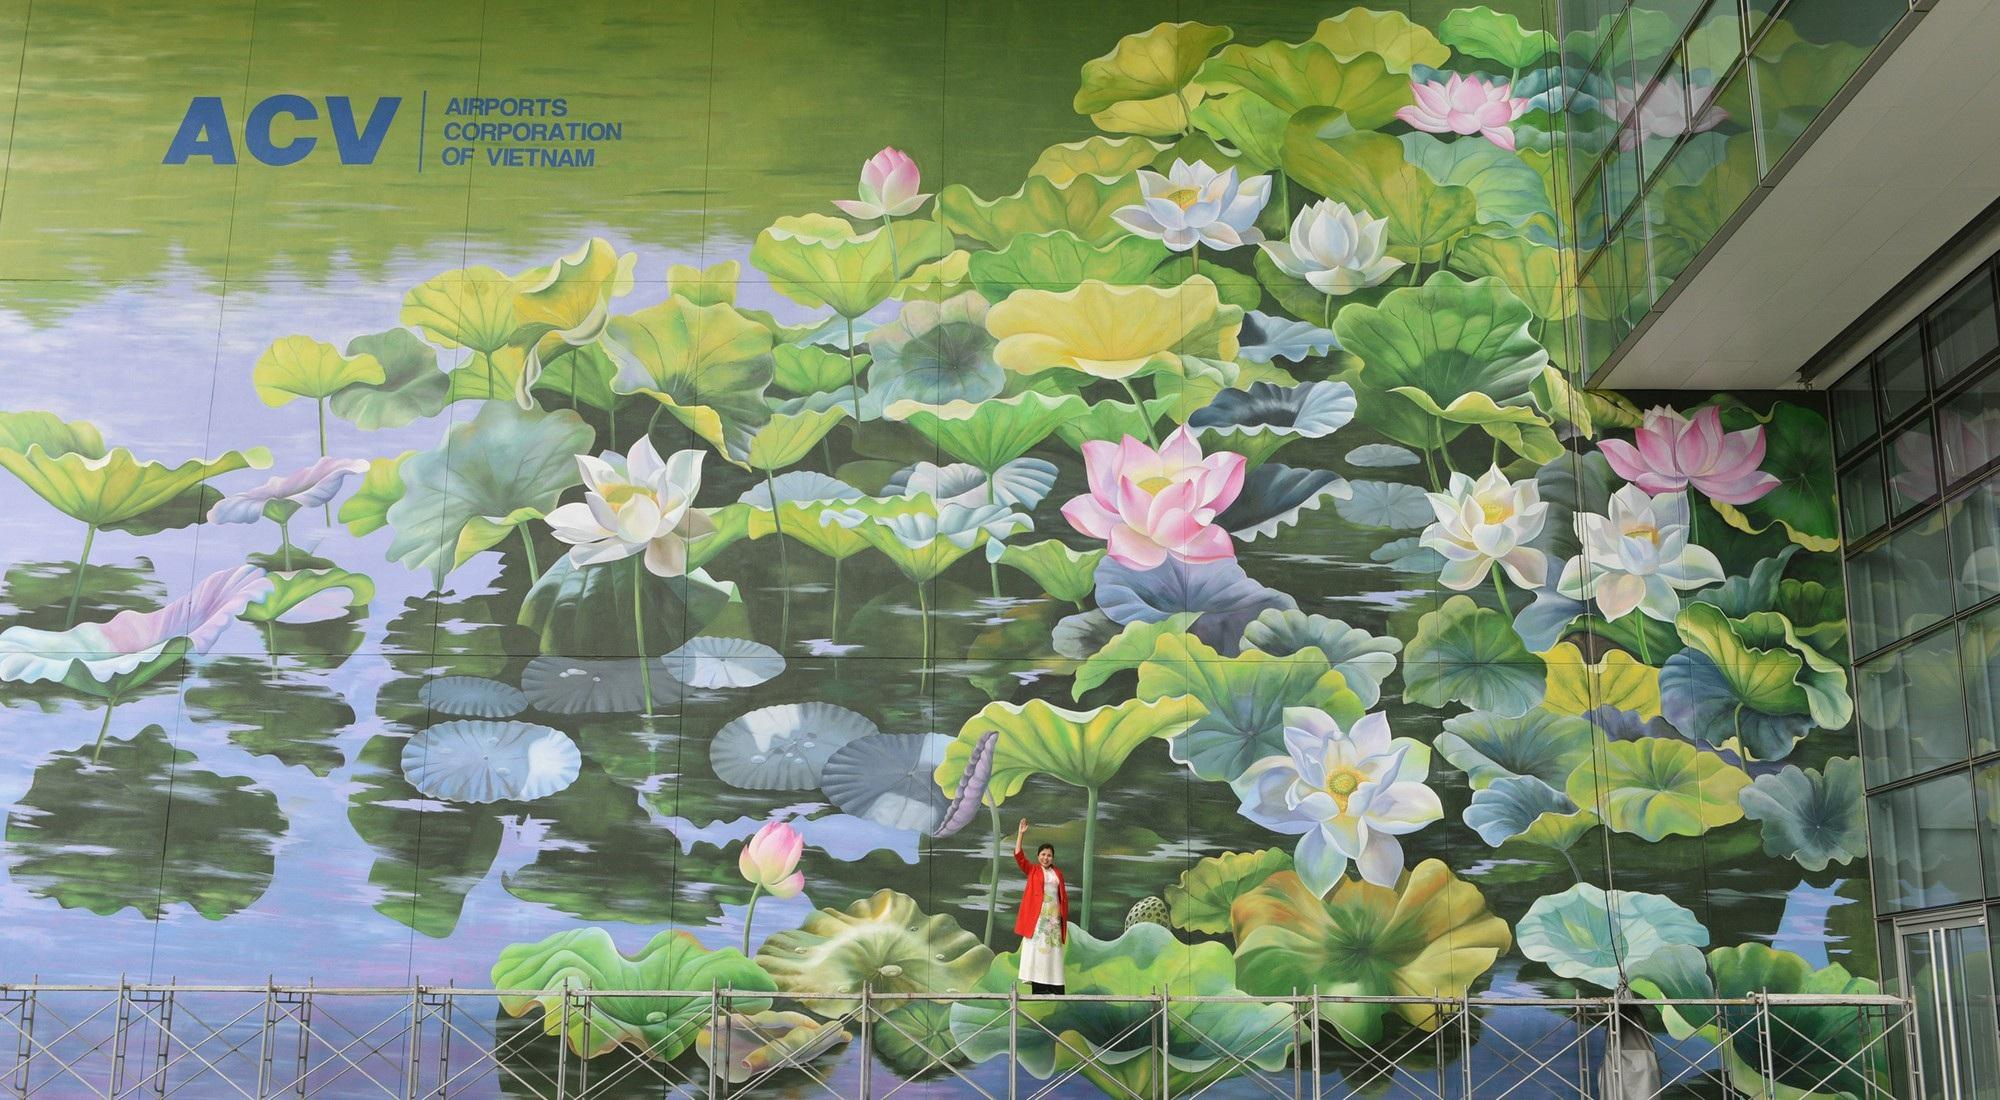 Ngỡ ngàng trước hai bức tranh hoa sen khổng lồ tại sân bay Nội Bài - Ảnh 4.